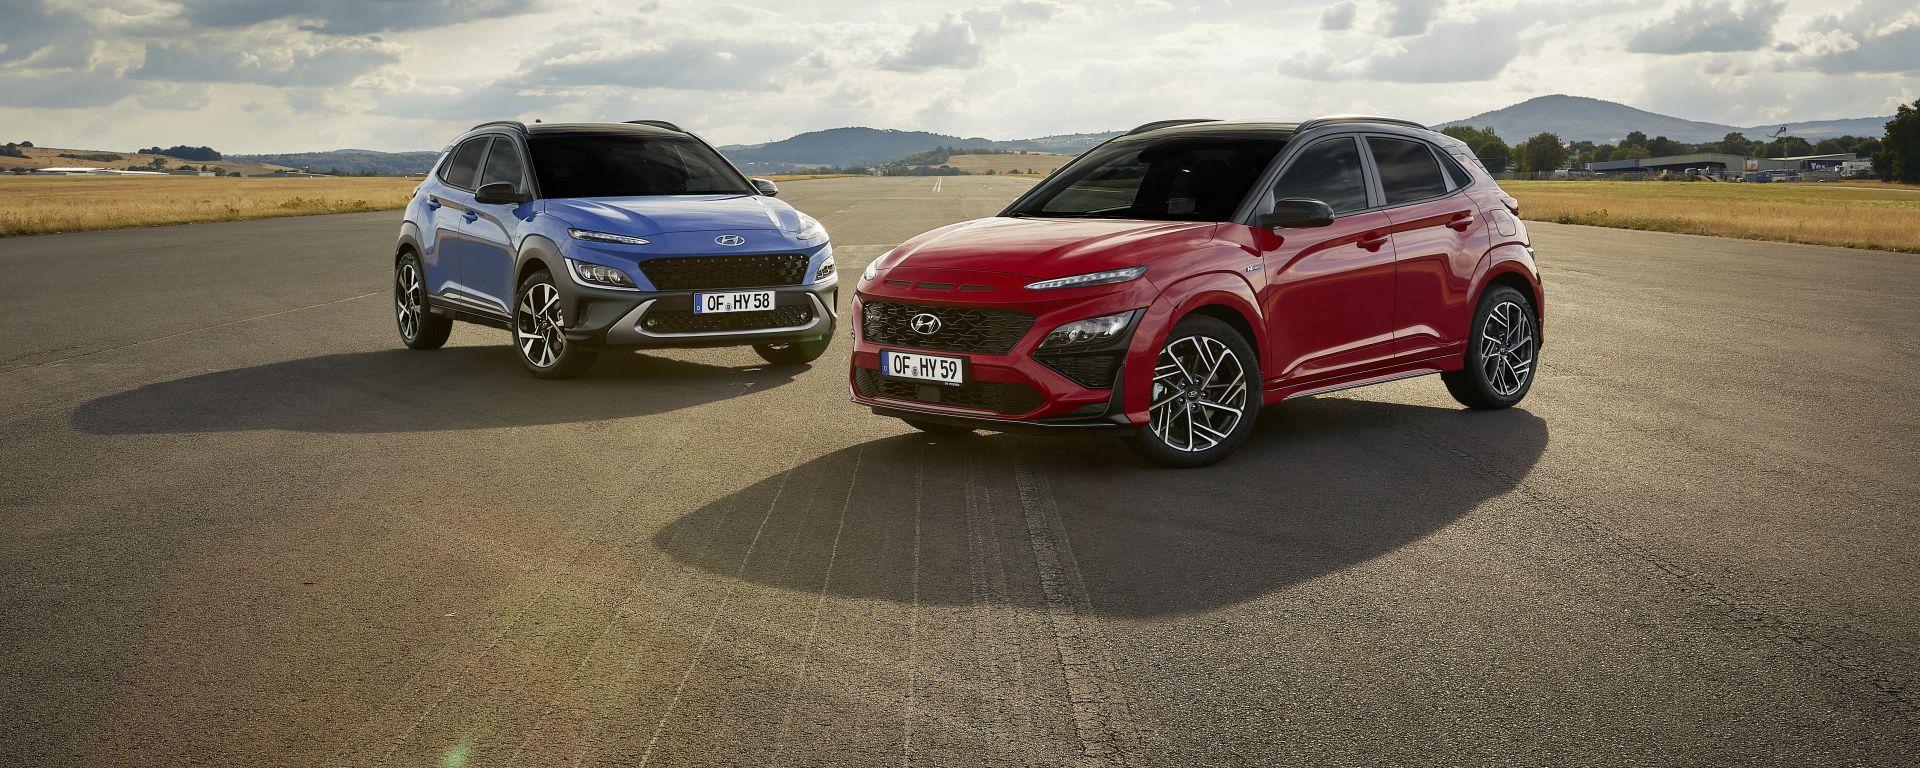 Nuova Hyundai Kona 2021: svelata ufficialmente dalla Casa coreana